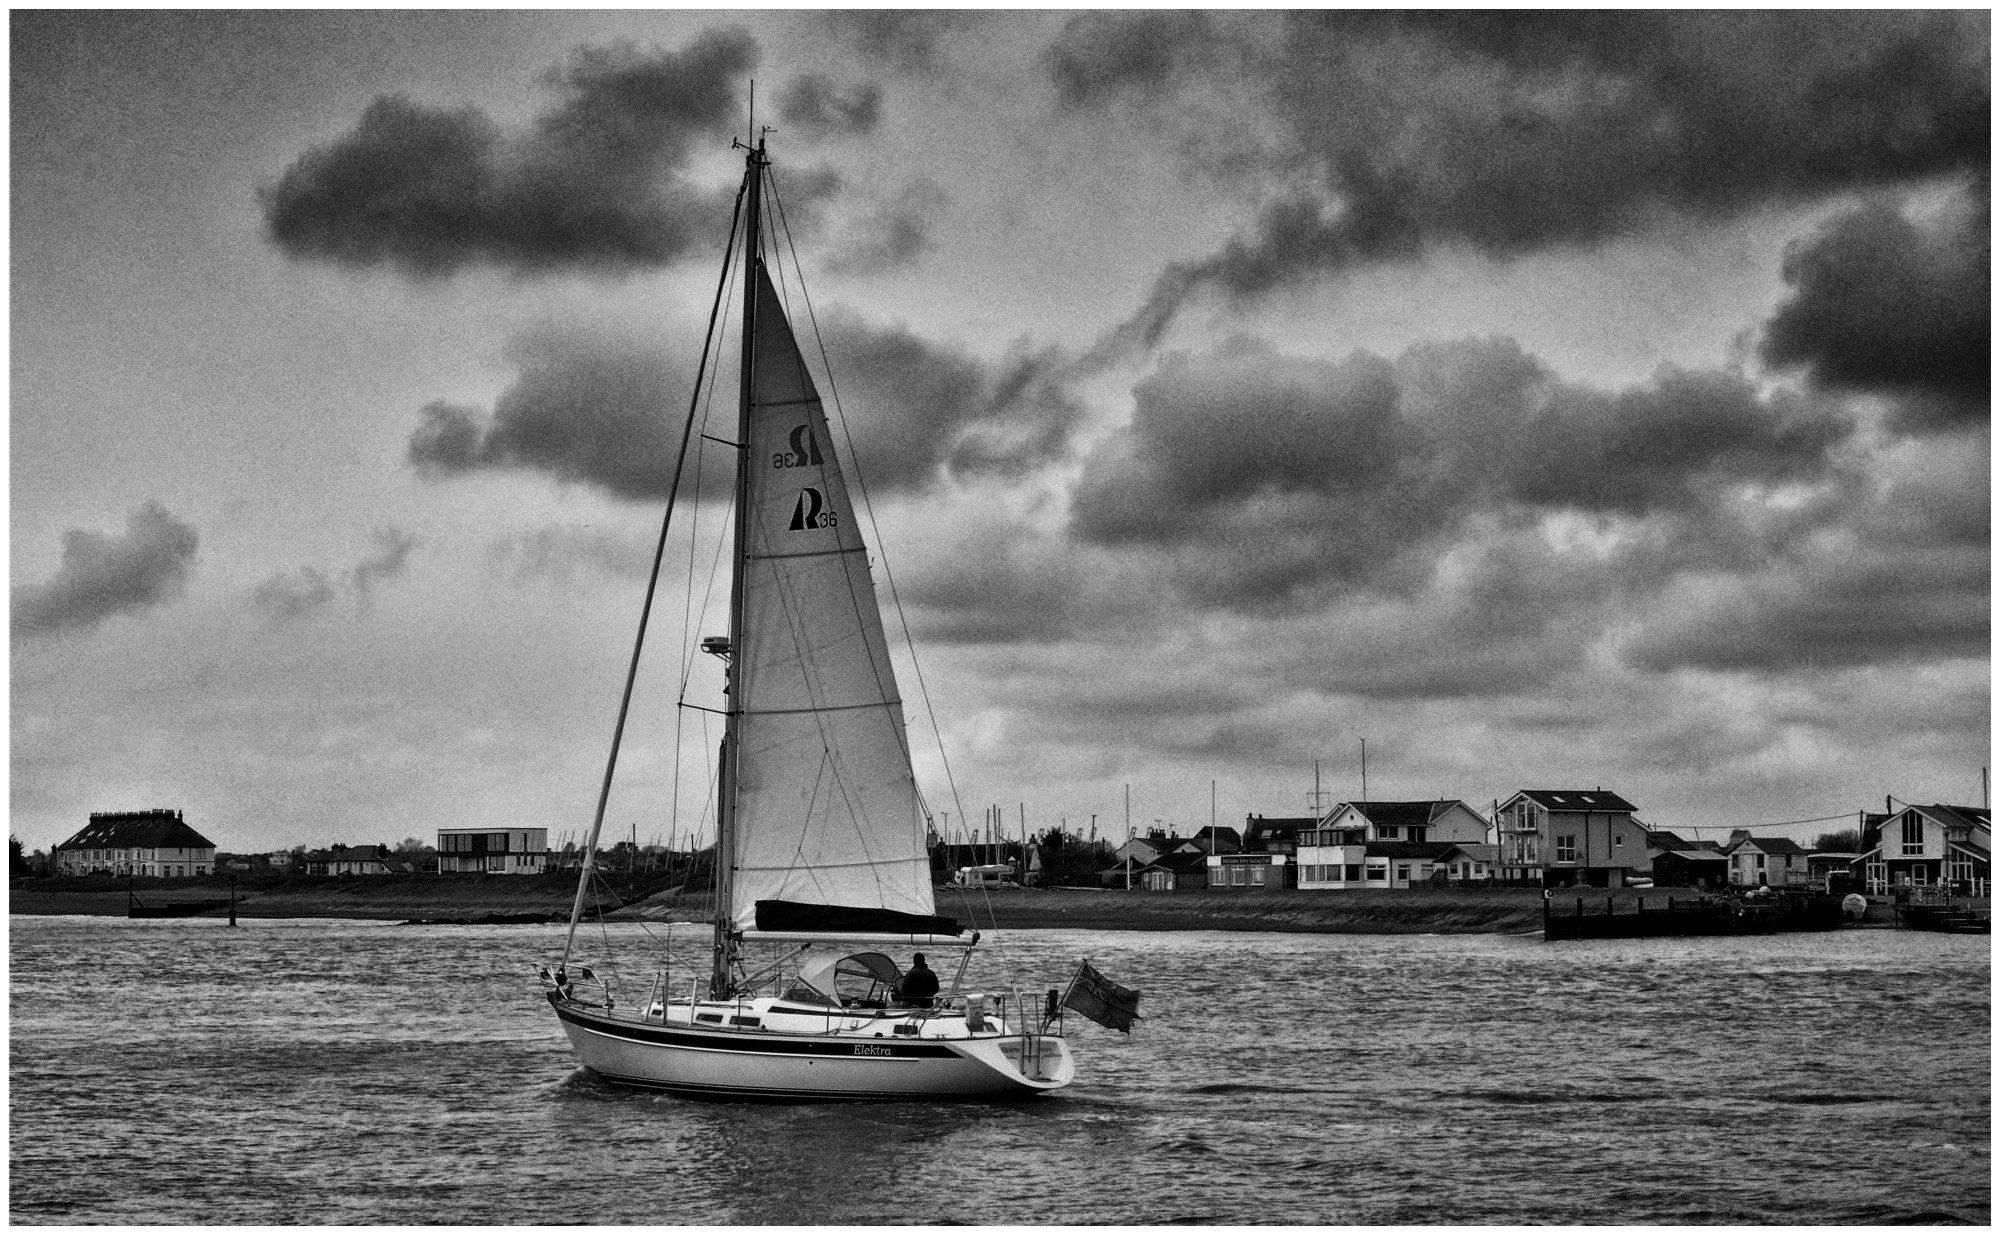 Sailing at Bawdsey